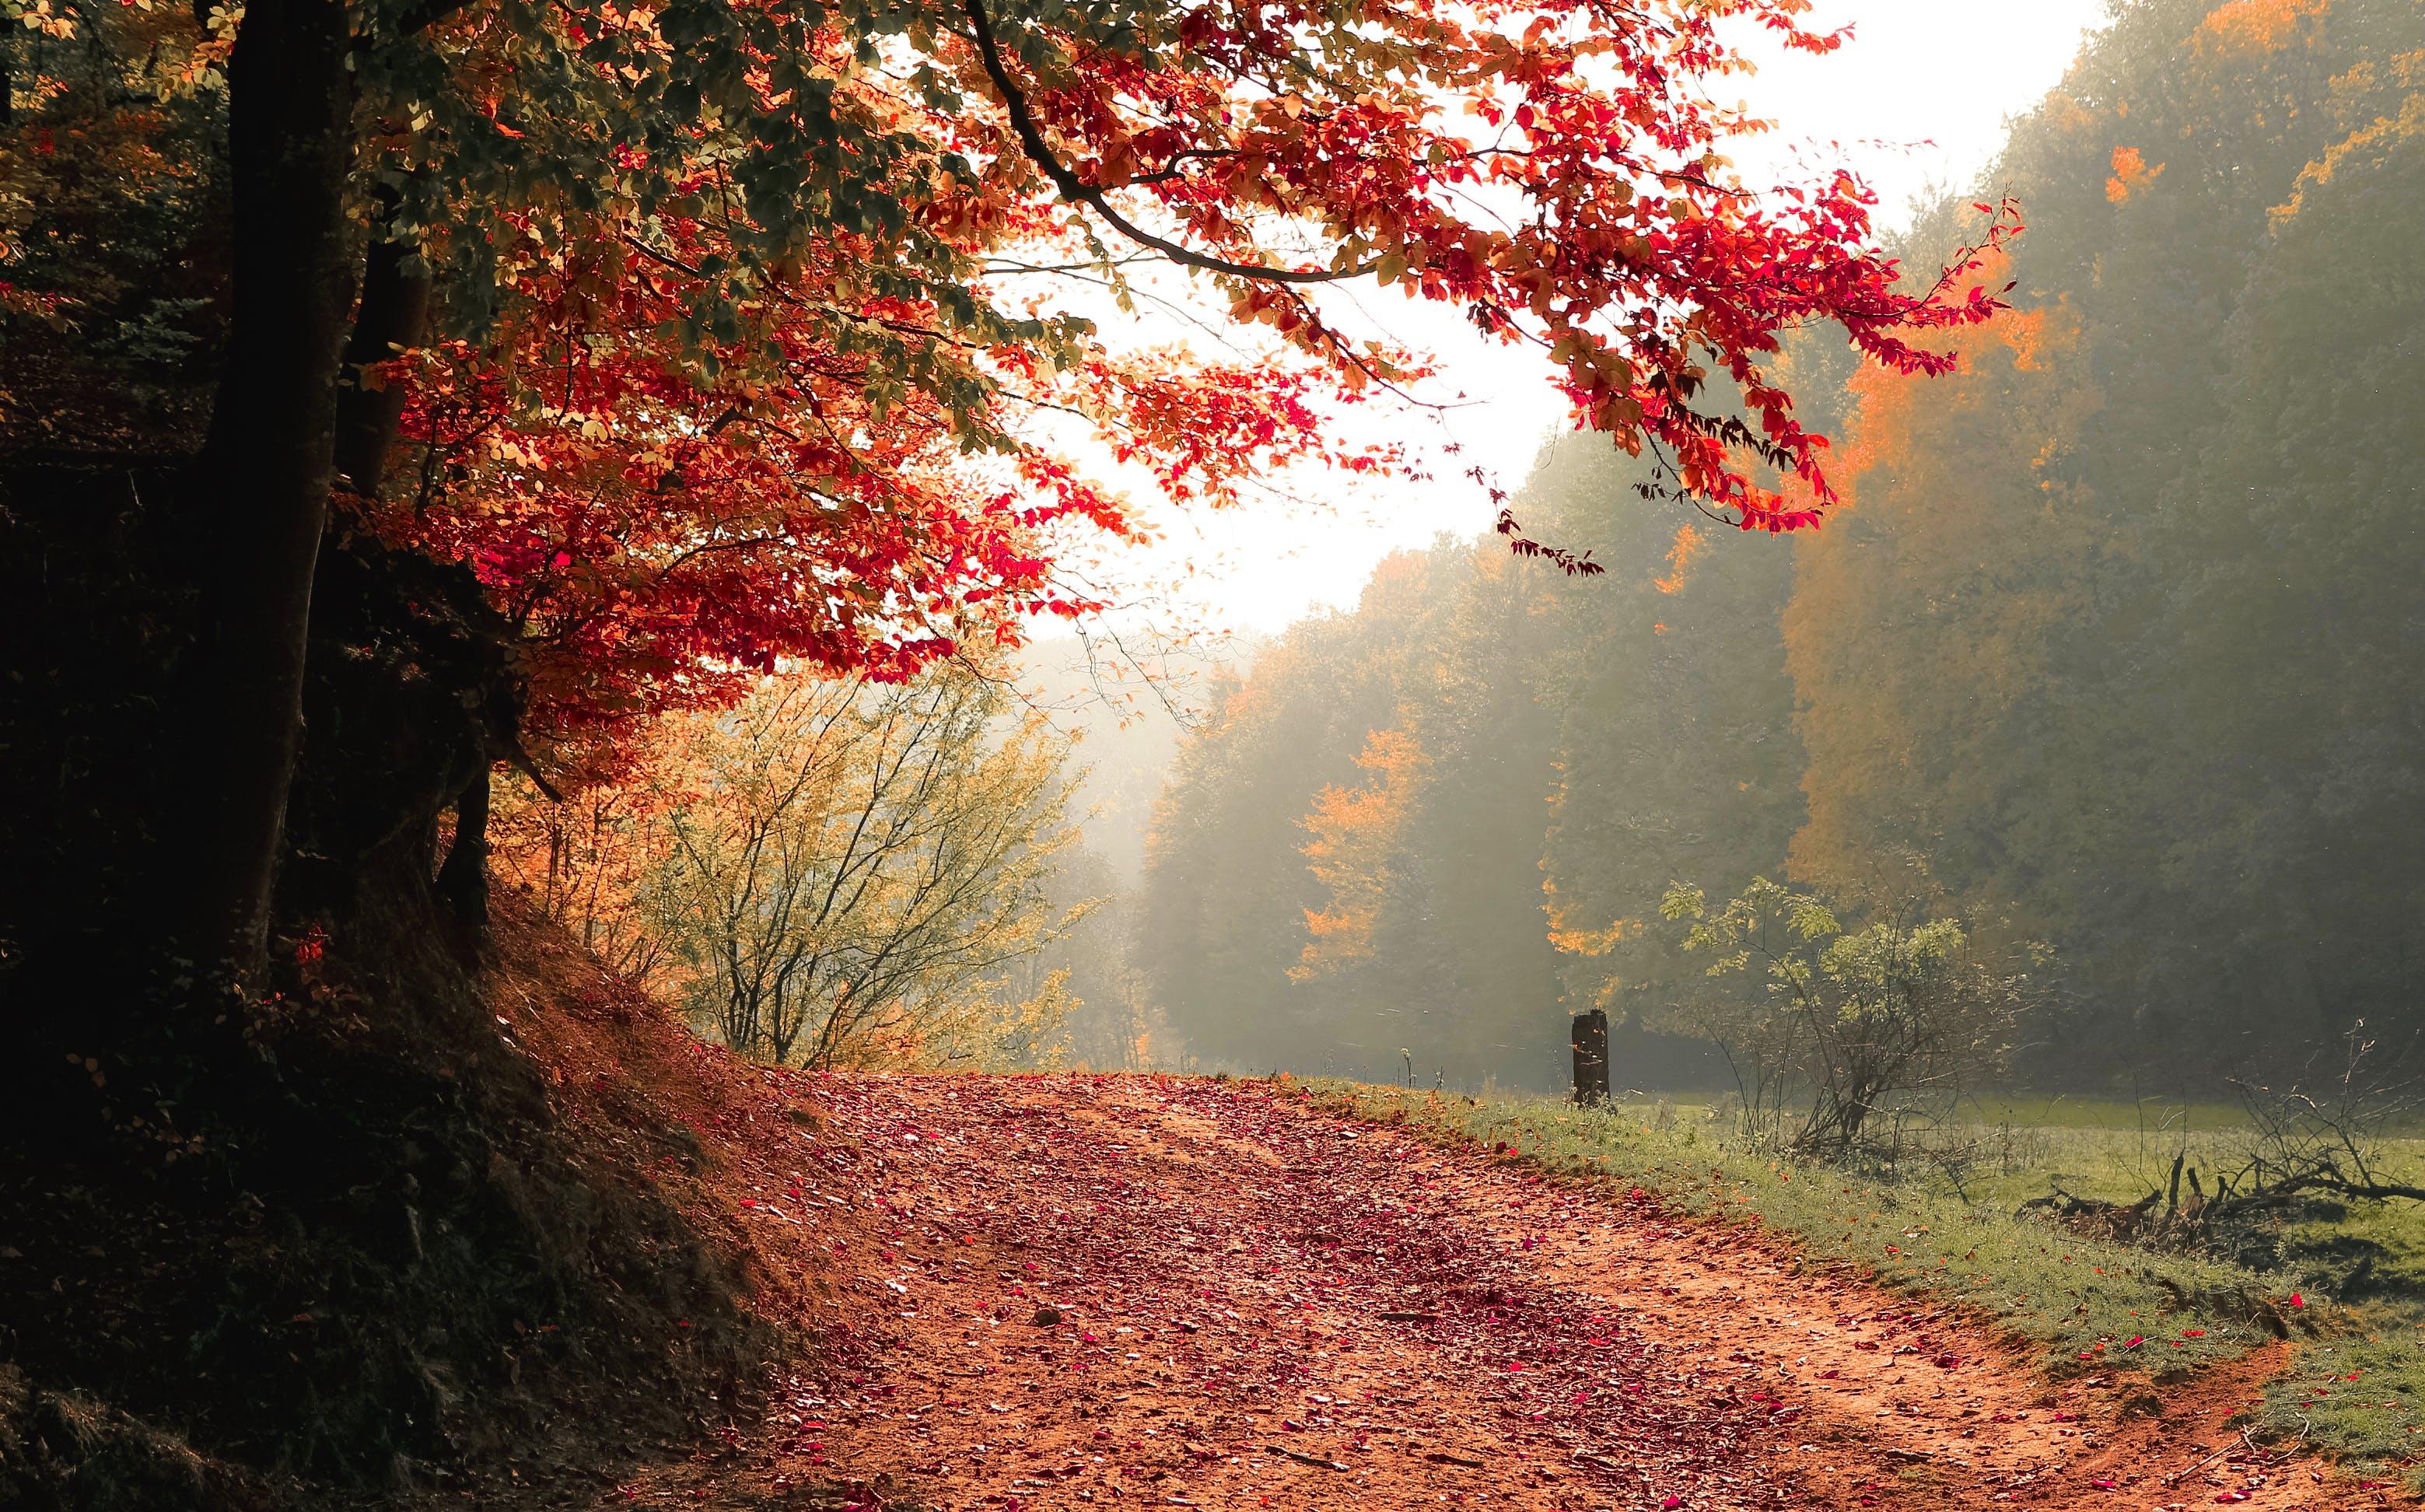 Kostenloses Stock Foto zu baum, bäume, blätter, draußen